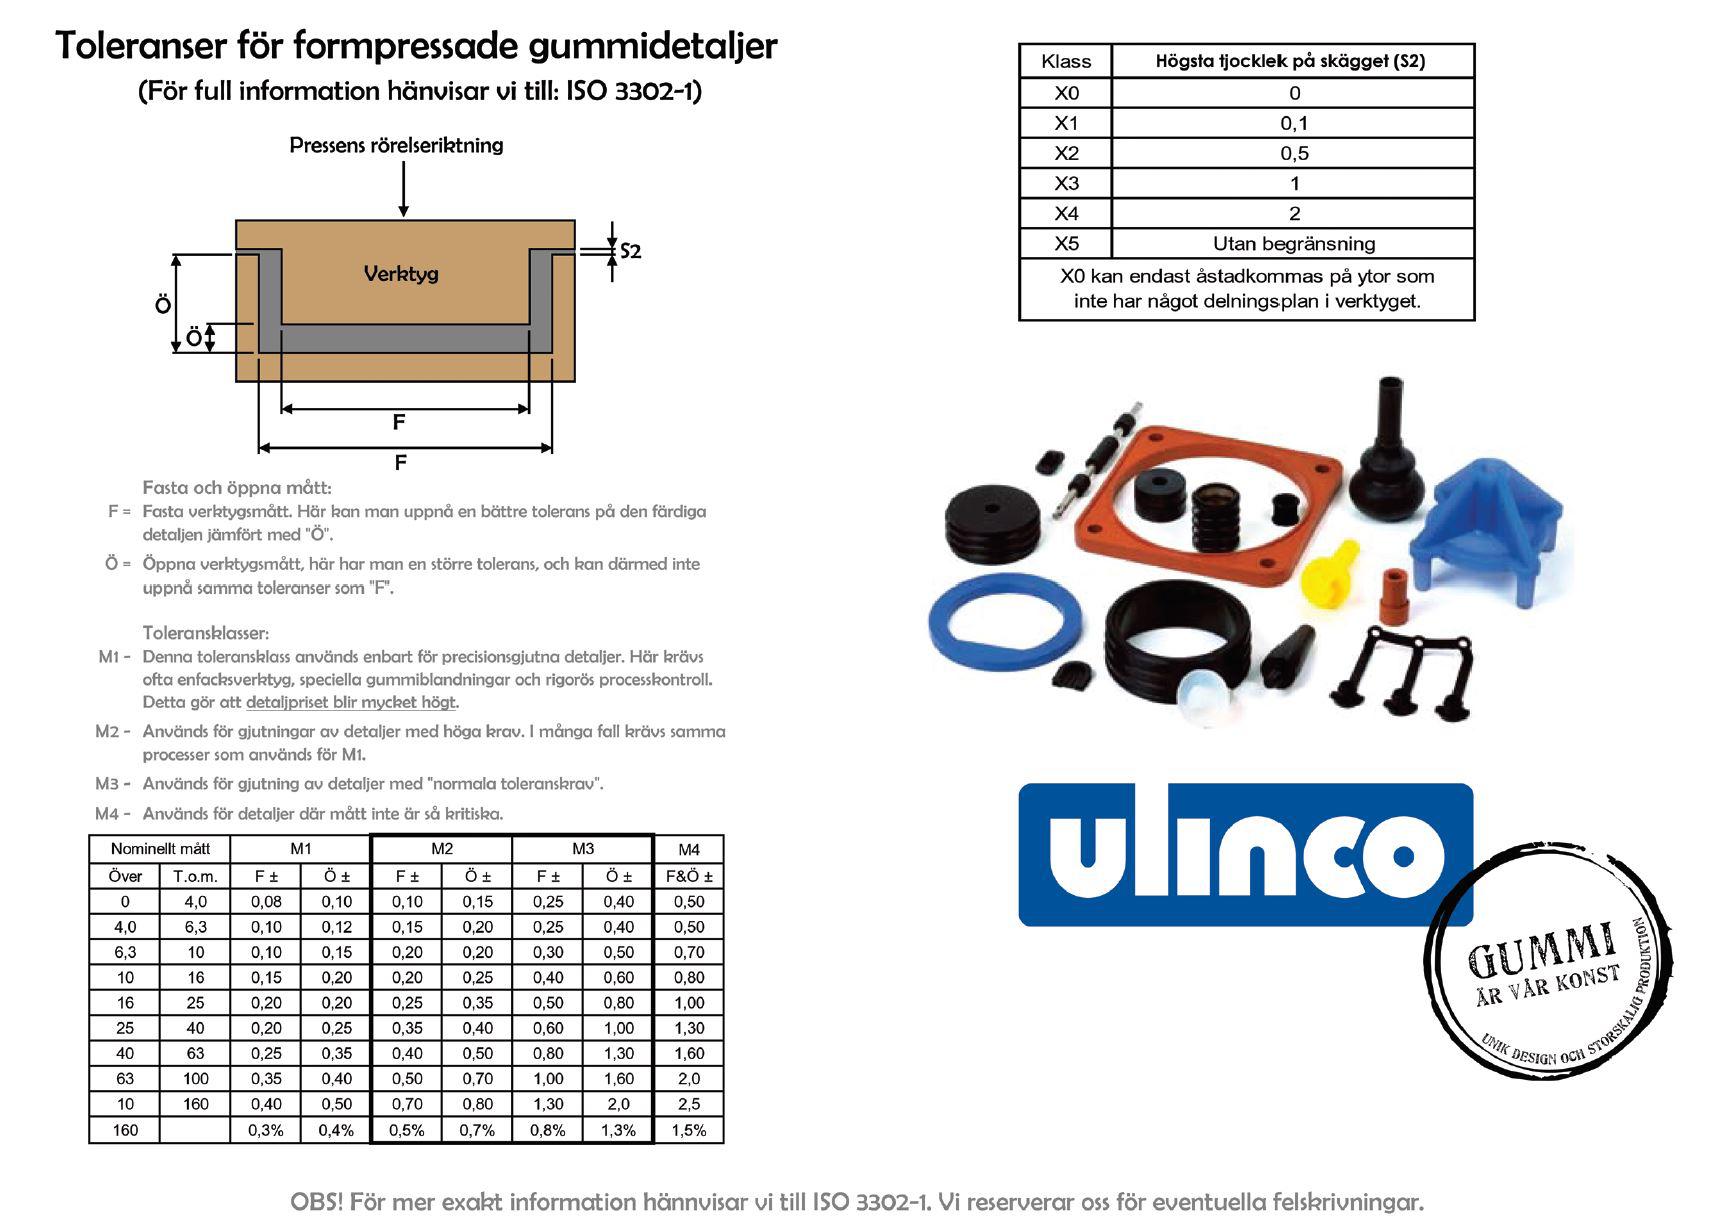 bae0b45d37e Toleranser för formpressade gummidetaljer.